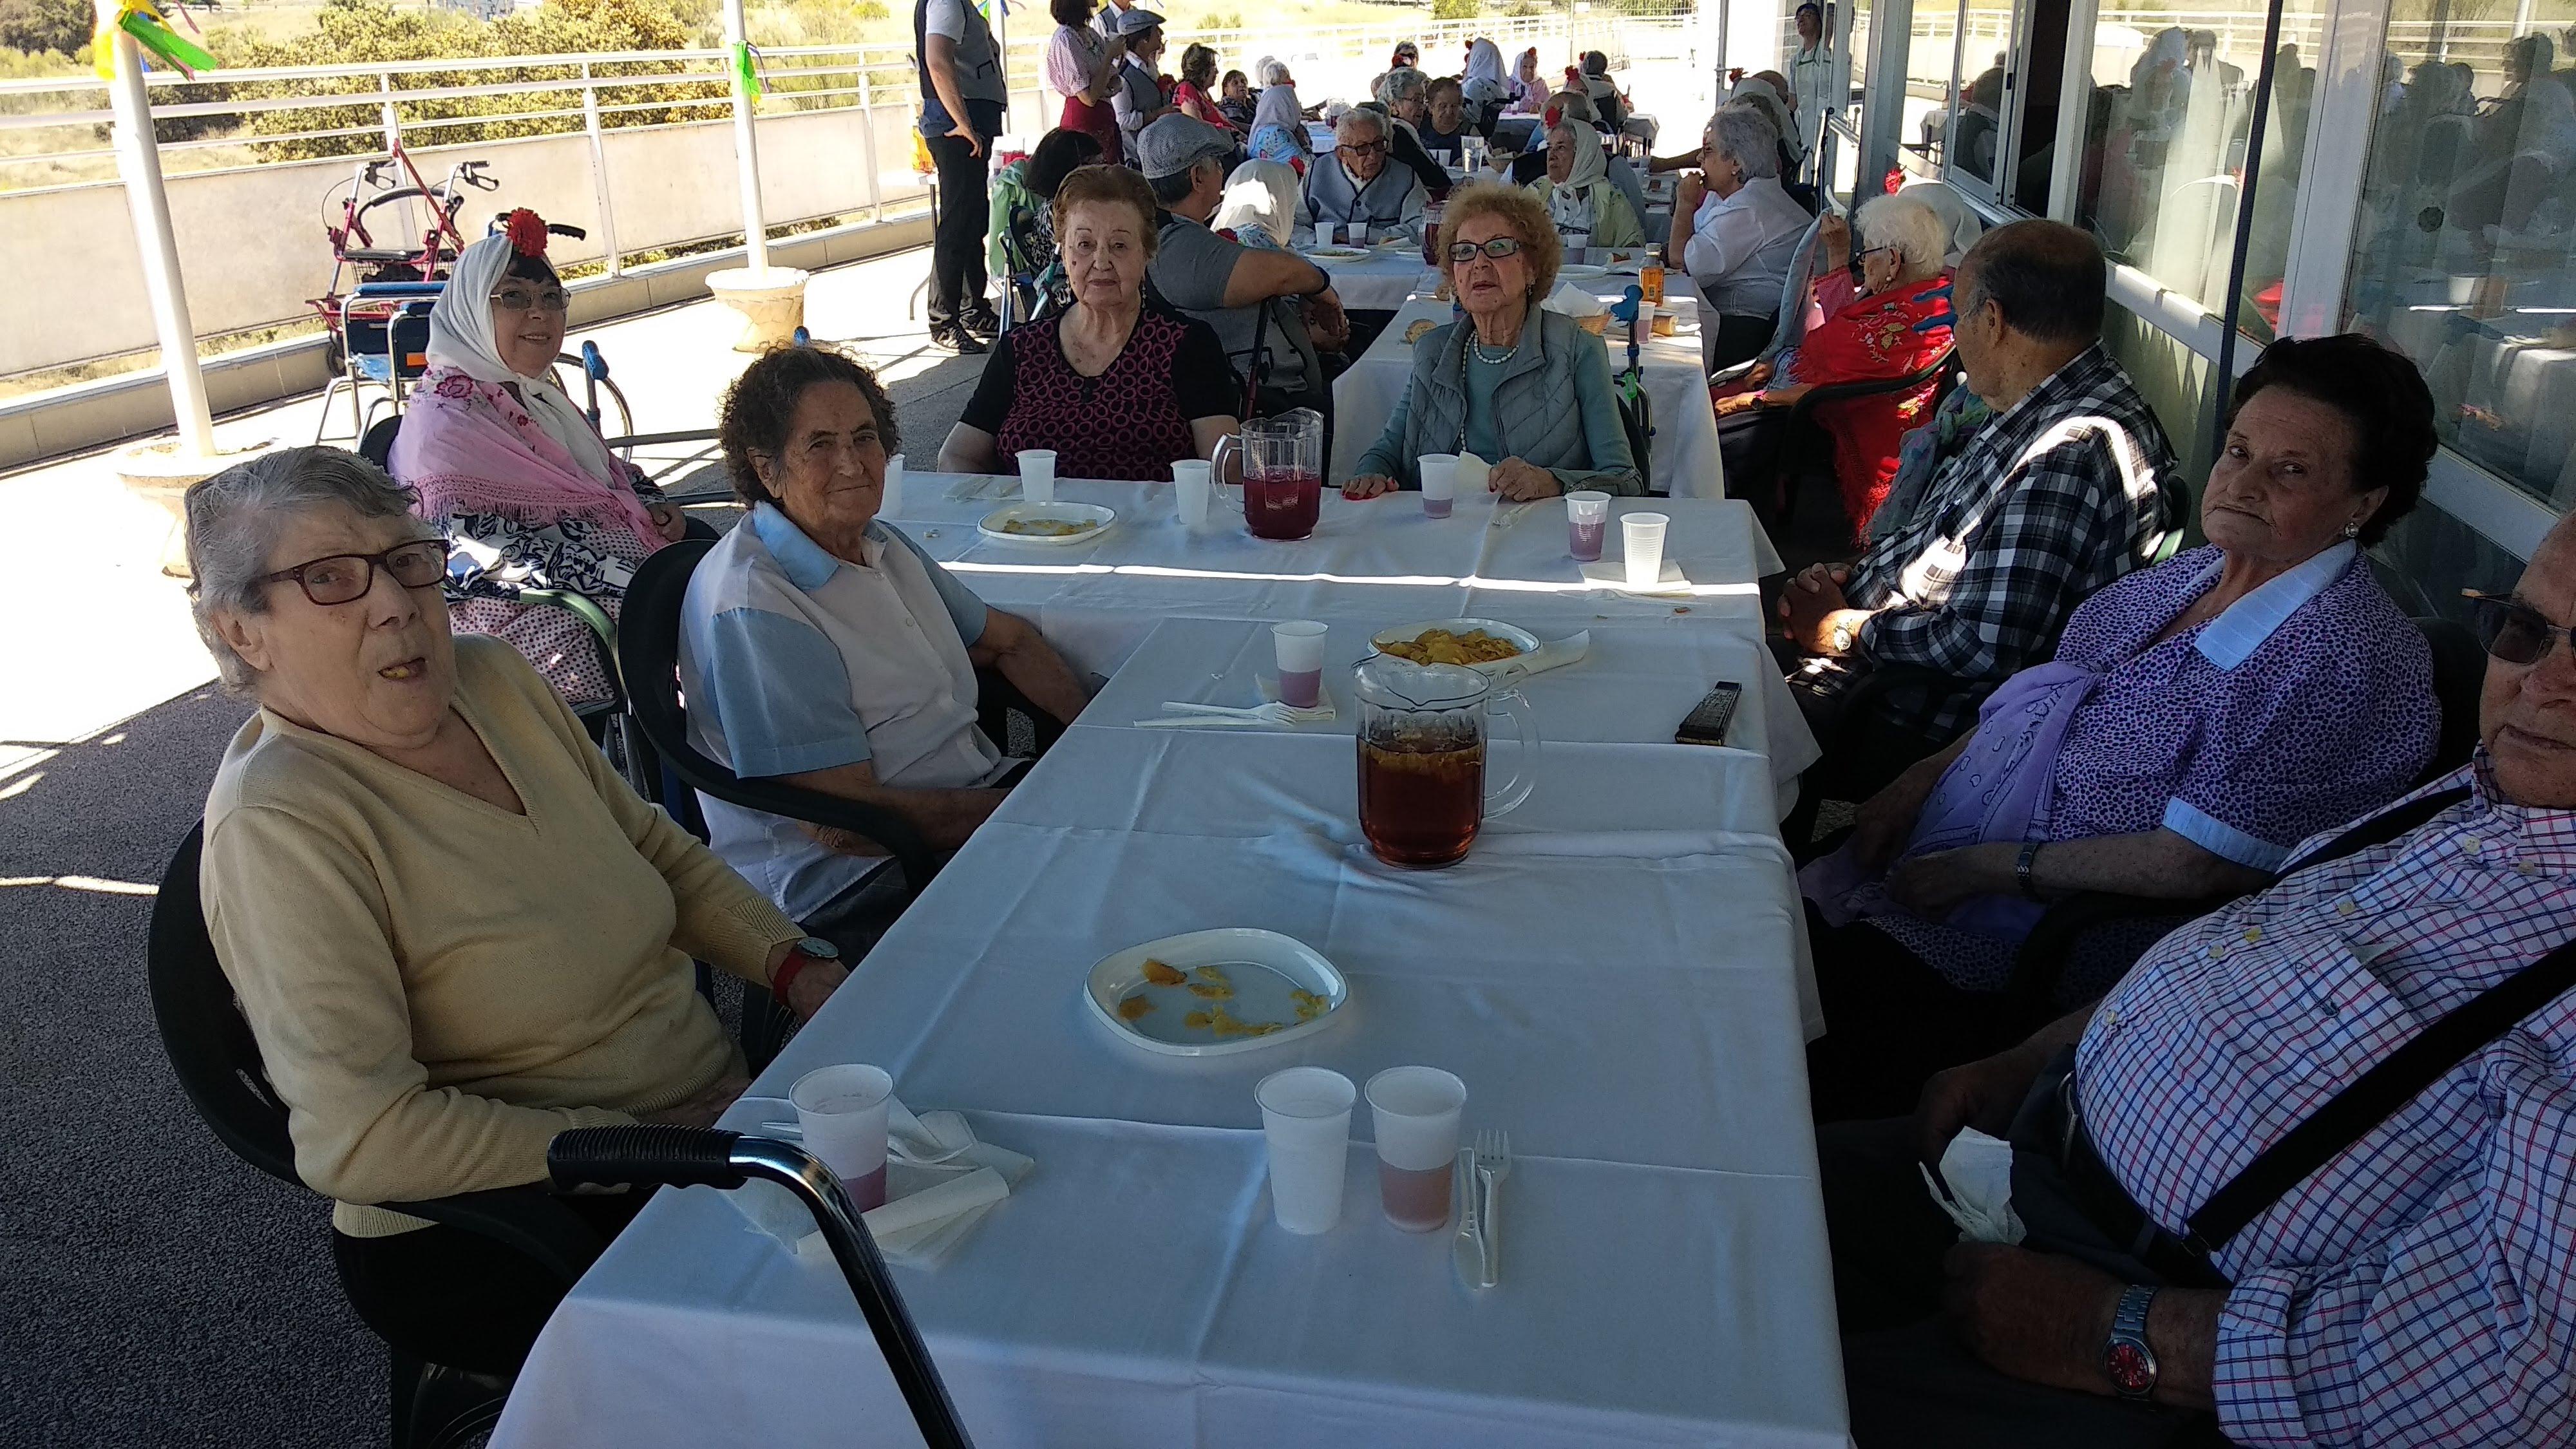 Los residentes de Urbanización de Mayores disfrutan de un espléndido día de San Isidro